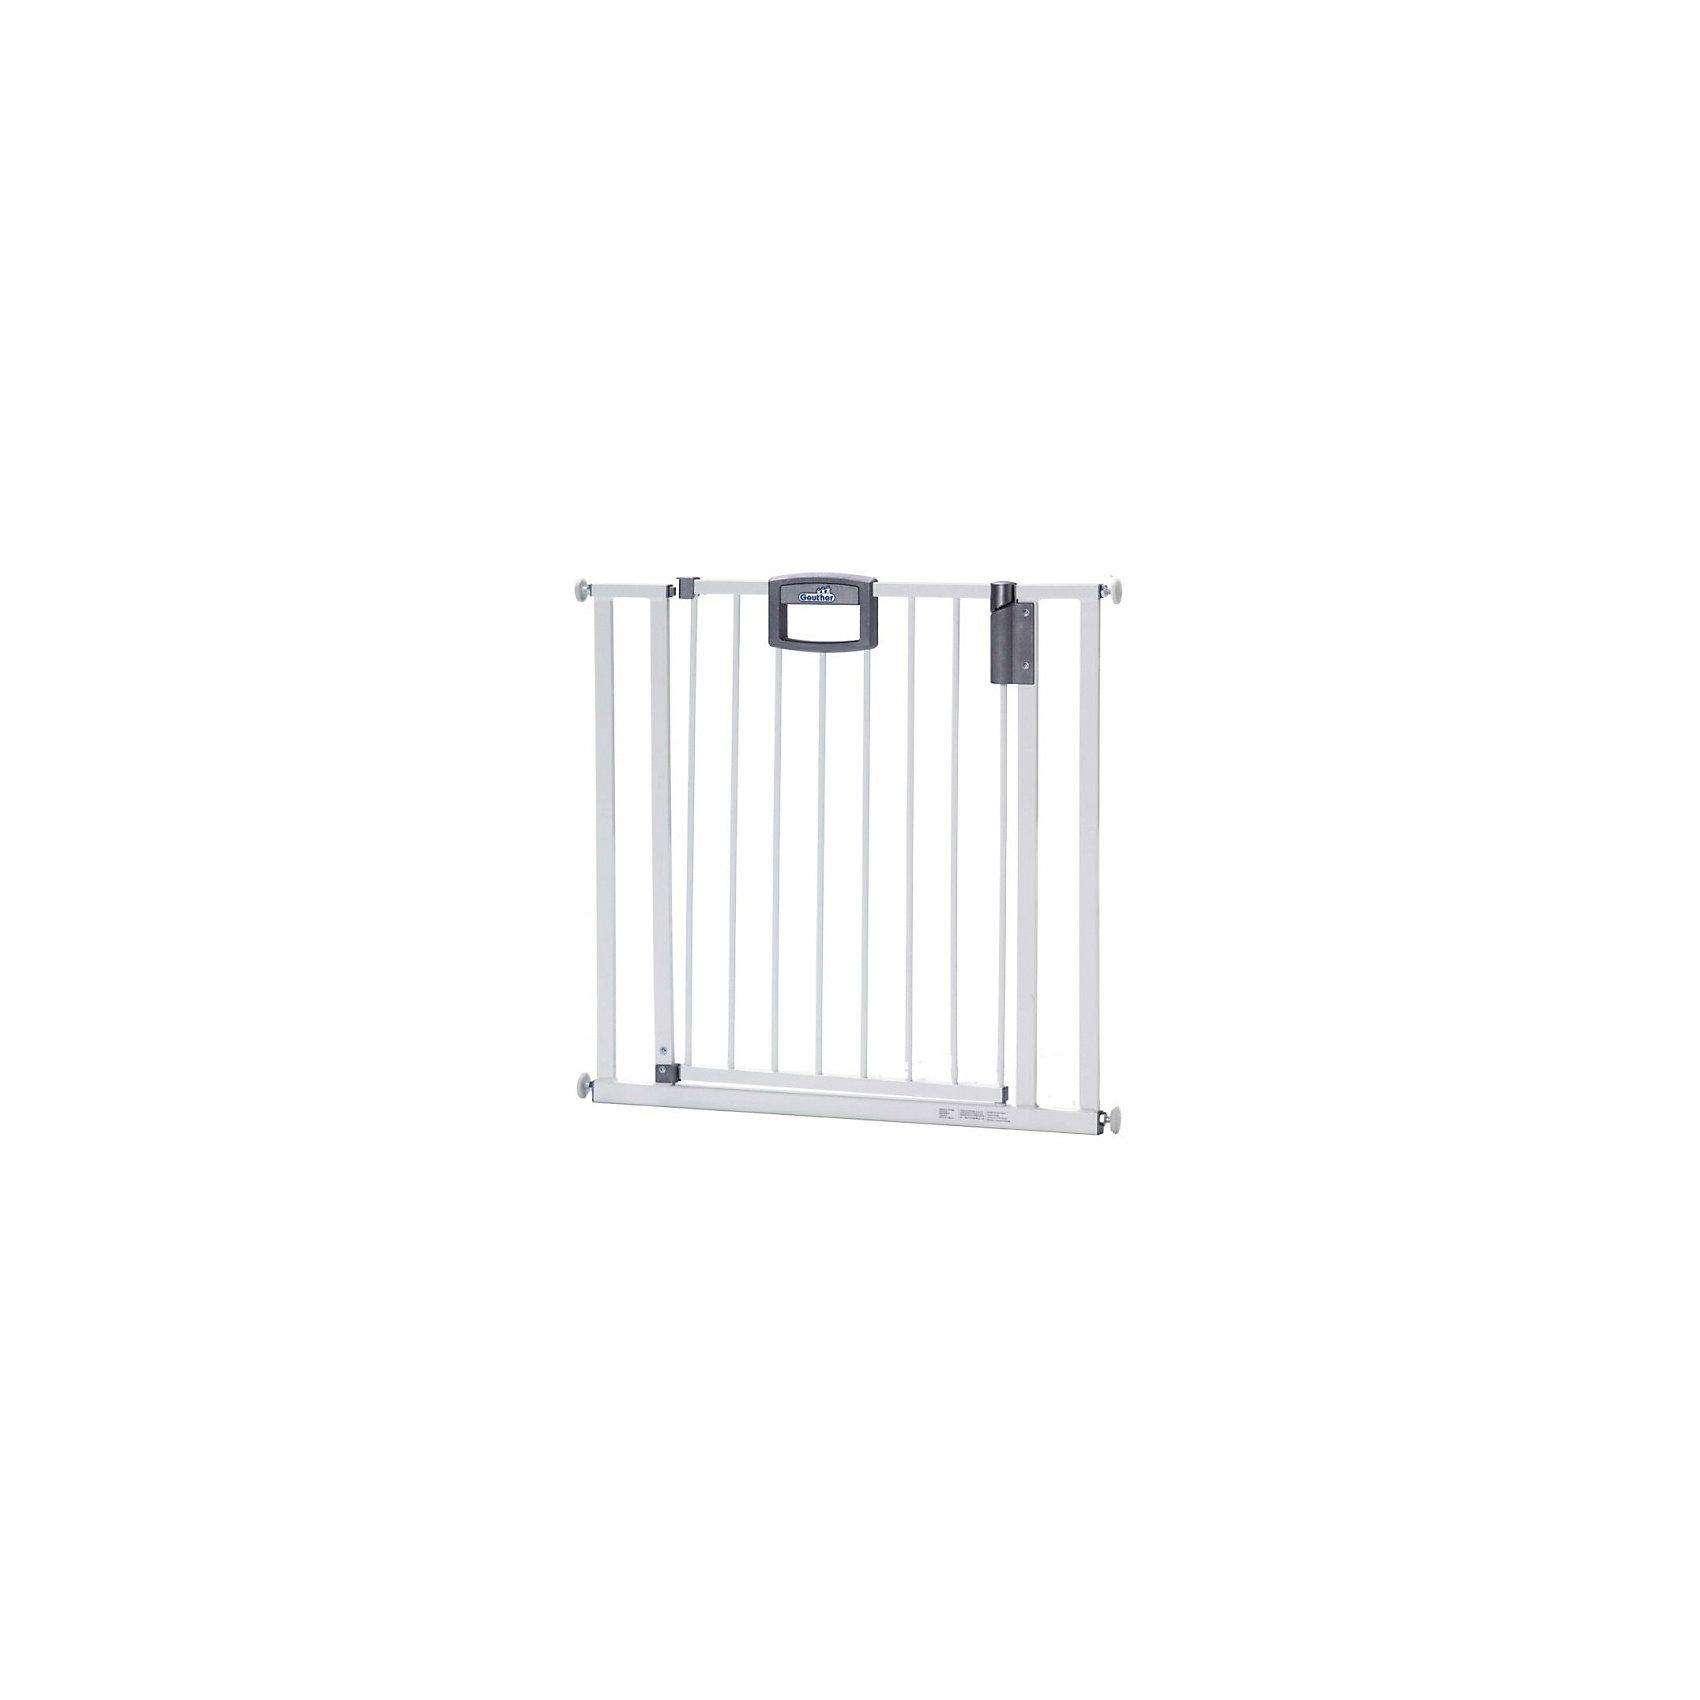 Geuther Барьеры-ворота Easy Lock 4782Блокирующие и защитные устройства для дома<br><br><br>Ширина мм: 9999<br>Глубина мм: 9999<br>Высота мм: 9999<br>Вес г: 9999<br>Возраст от месяцев: 6<br>Возраст до месяцев: 36<br>Пол: Унисекс<br>Возраст: Детский<br>SKU: 2717860